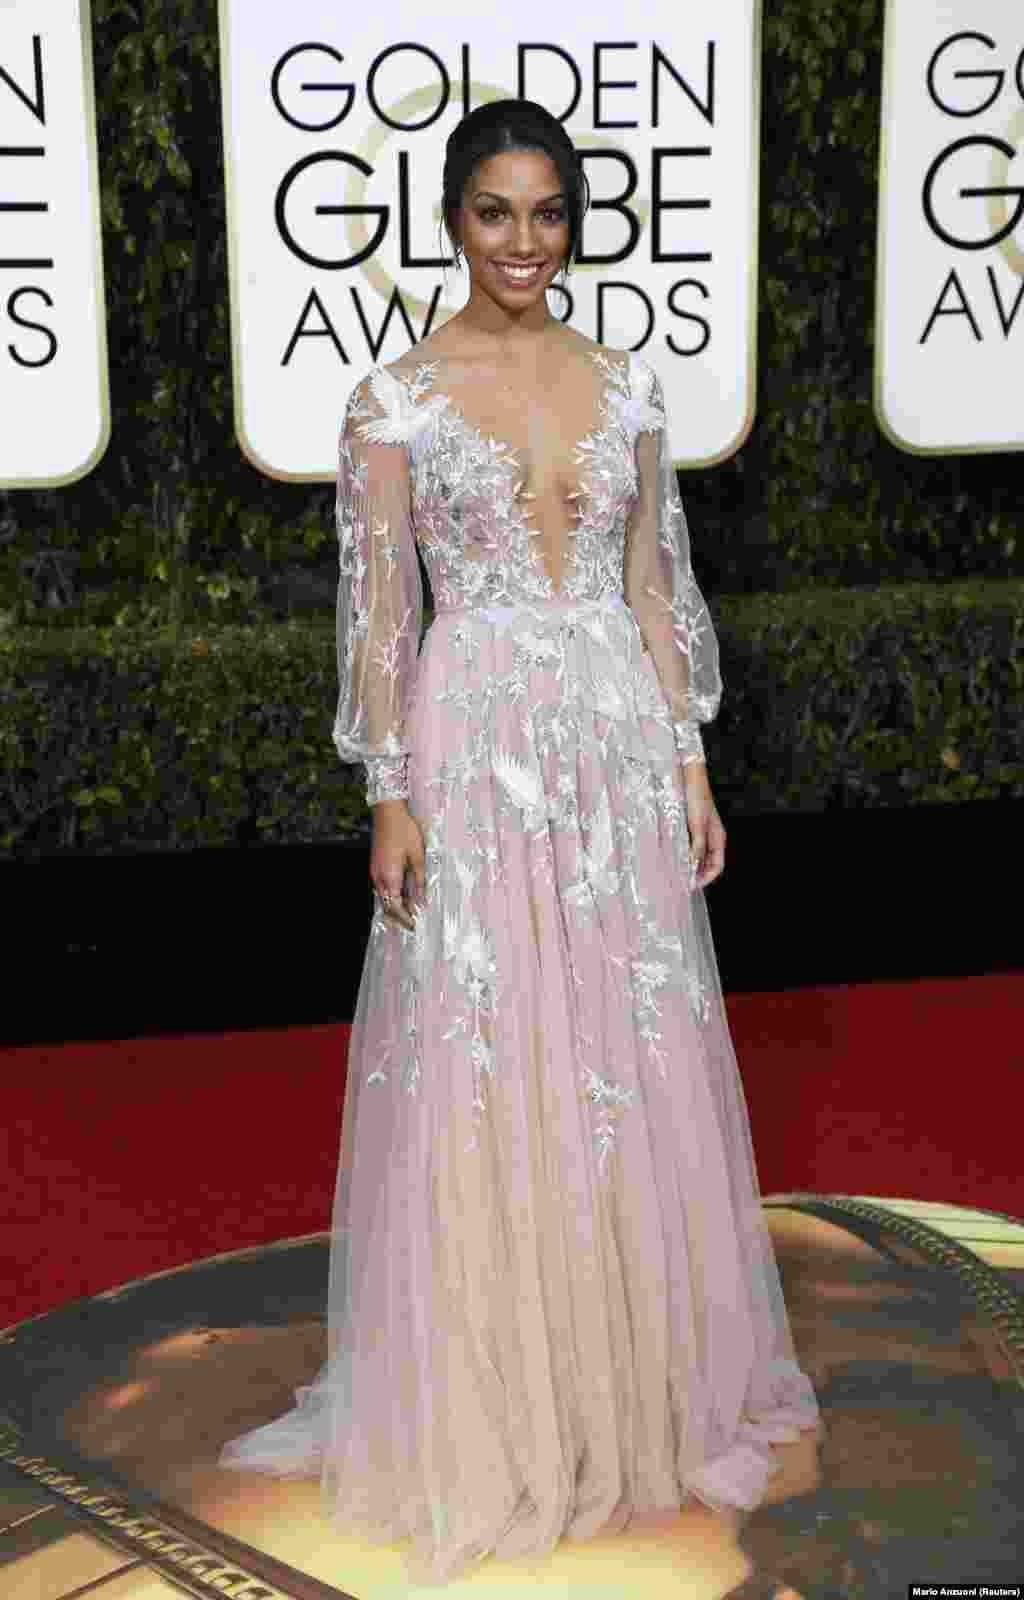 Corrine Foxx, filha de Jamie Foxx, foi a Miss Golden dos Globos de Ouro